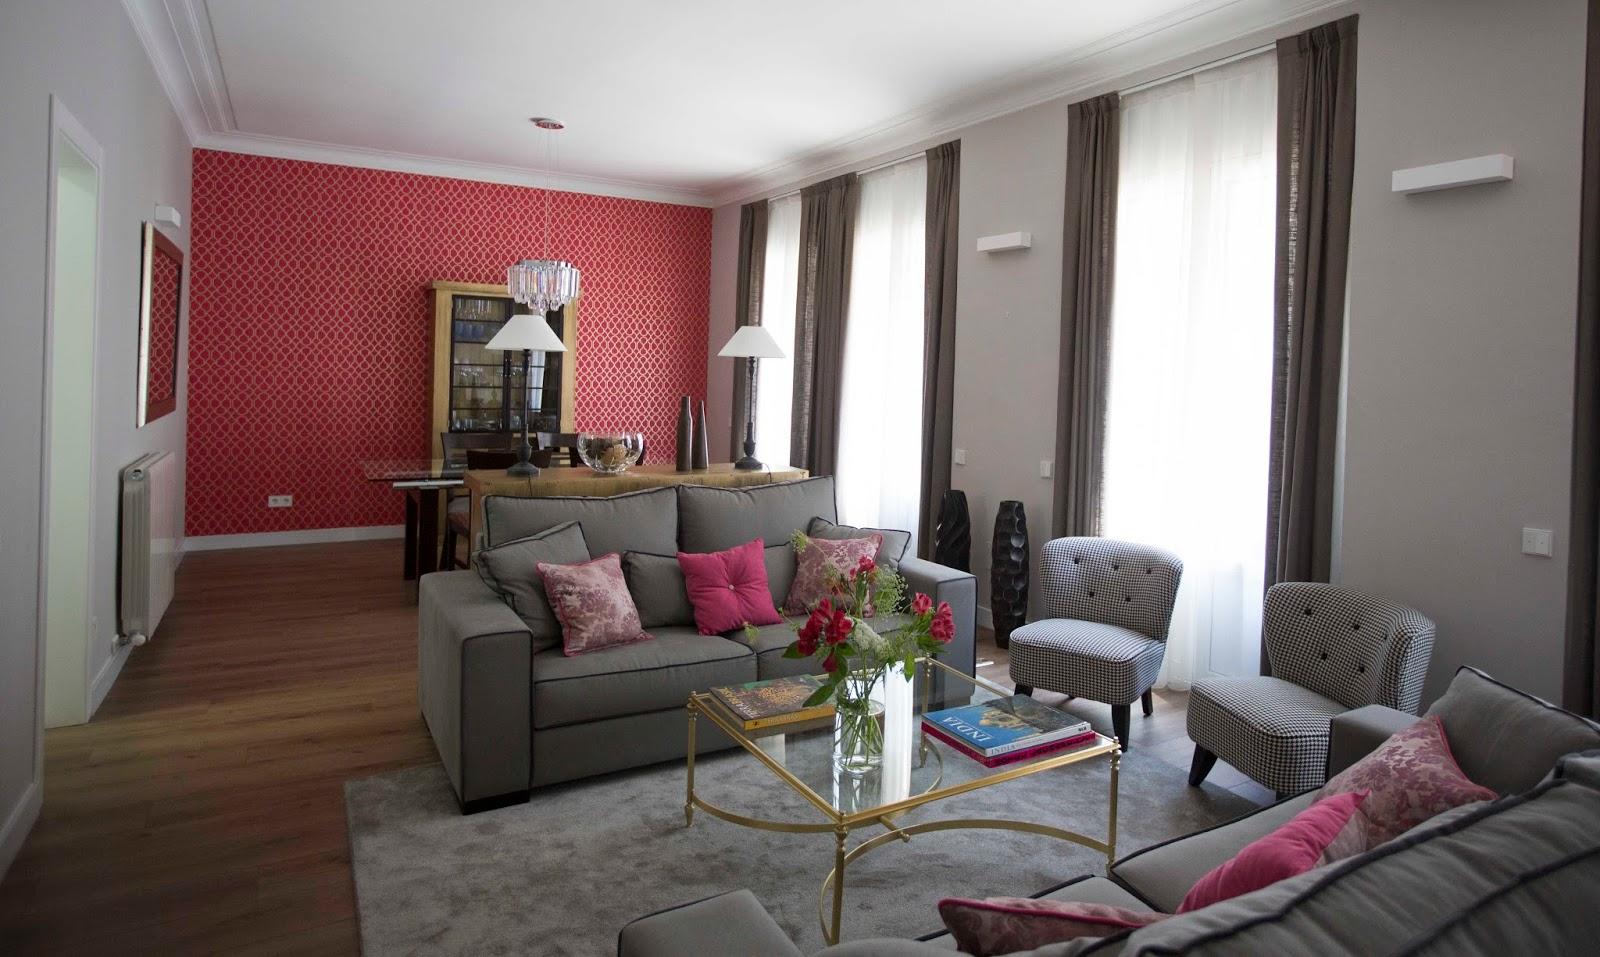 Pia capdevila interiorismo eventos suelos y paredes de - Combinar colores paredes salon ...